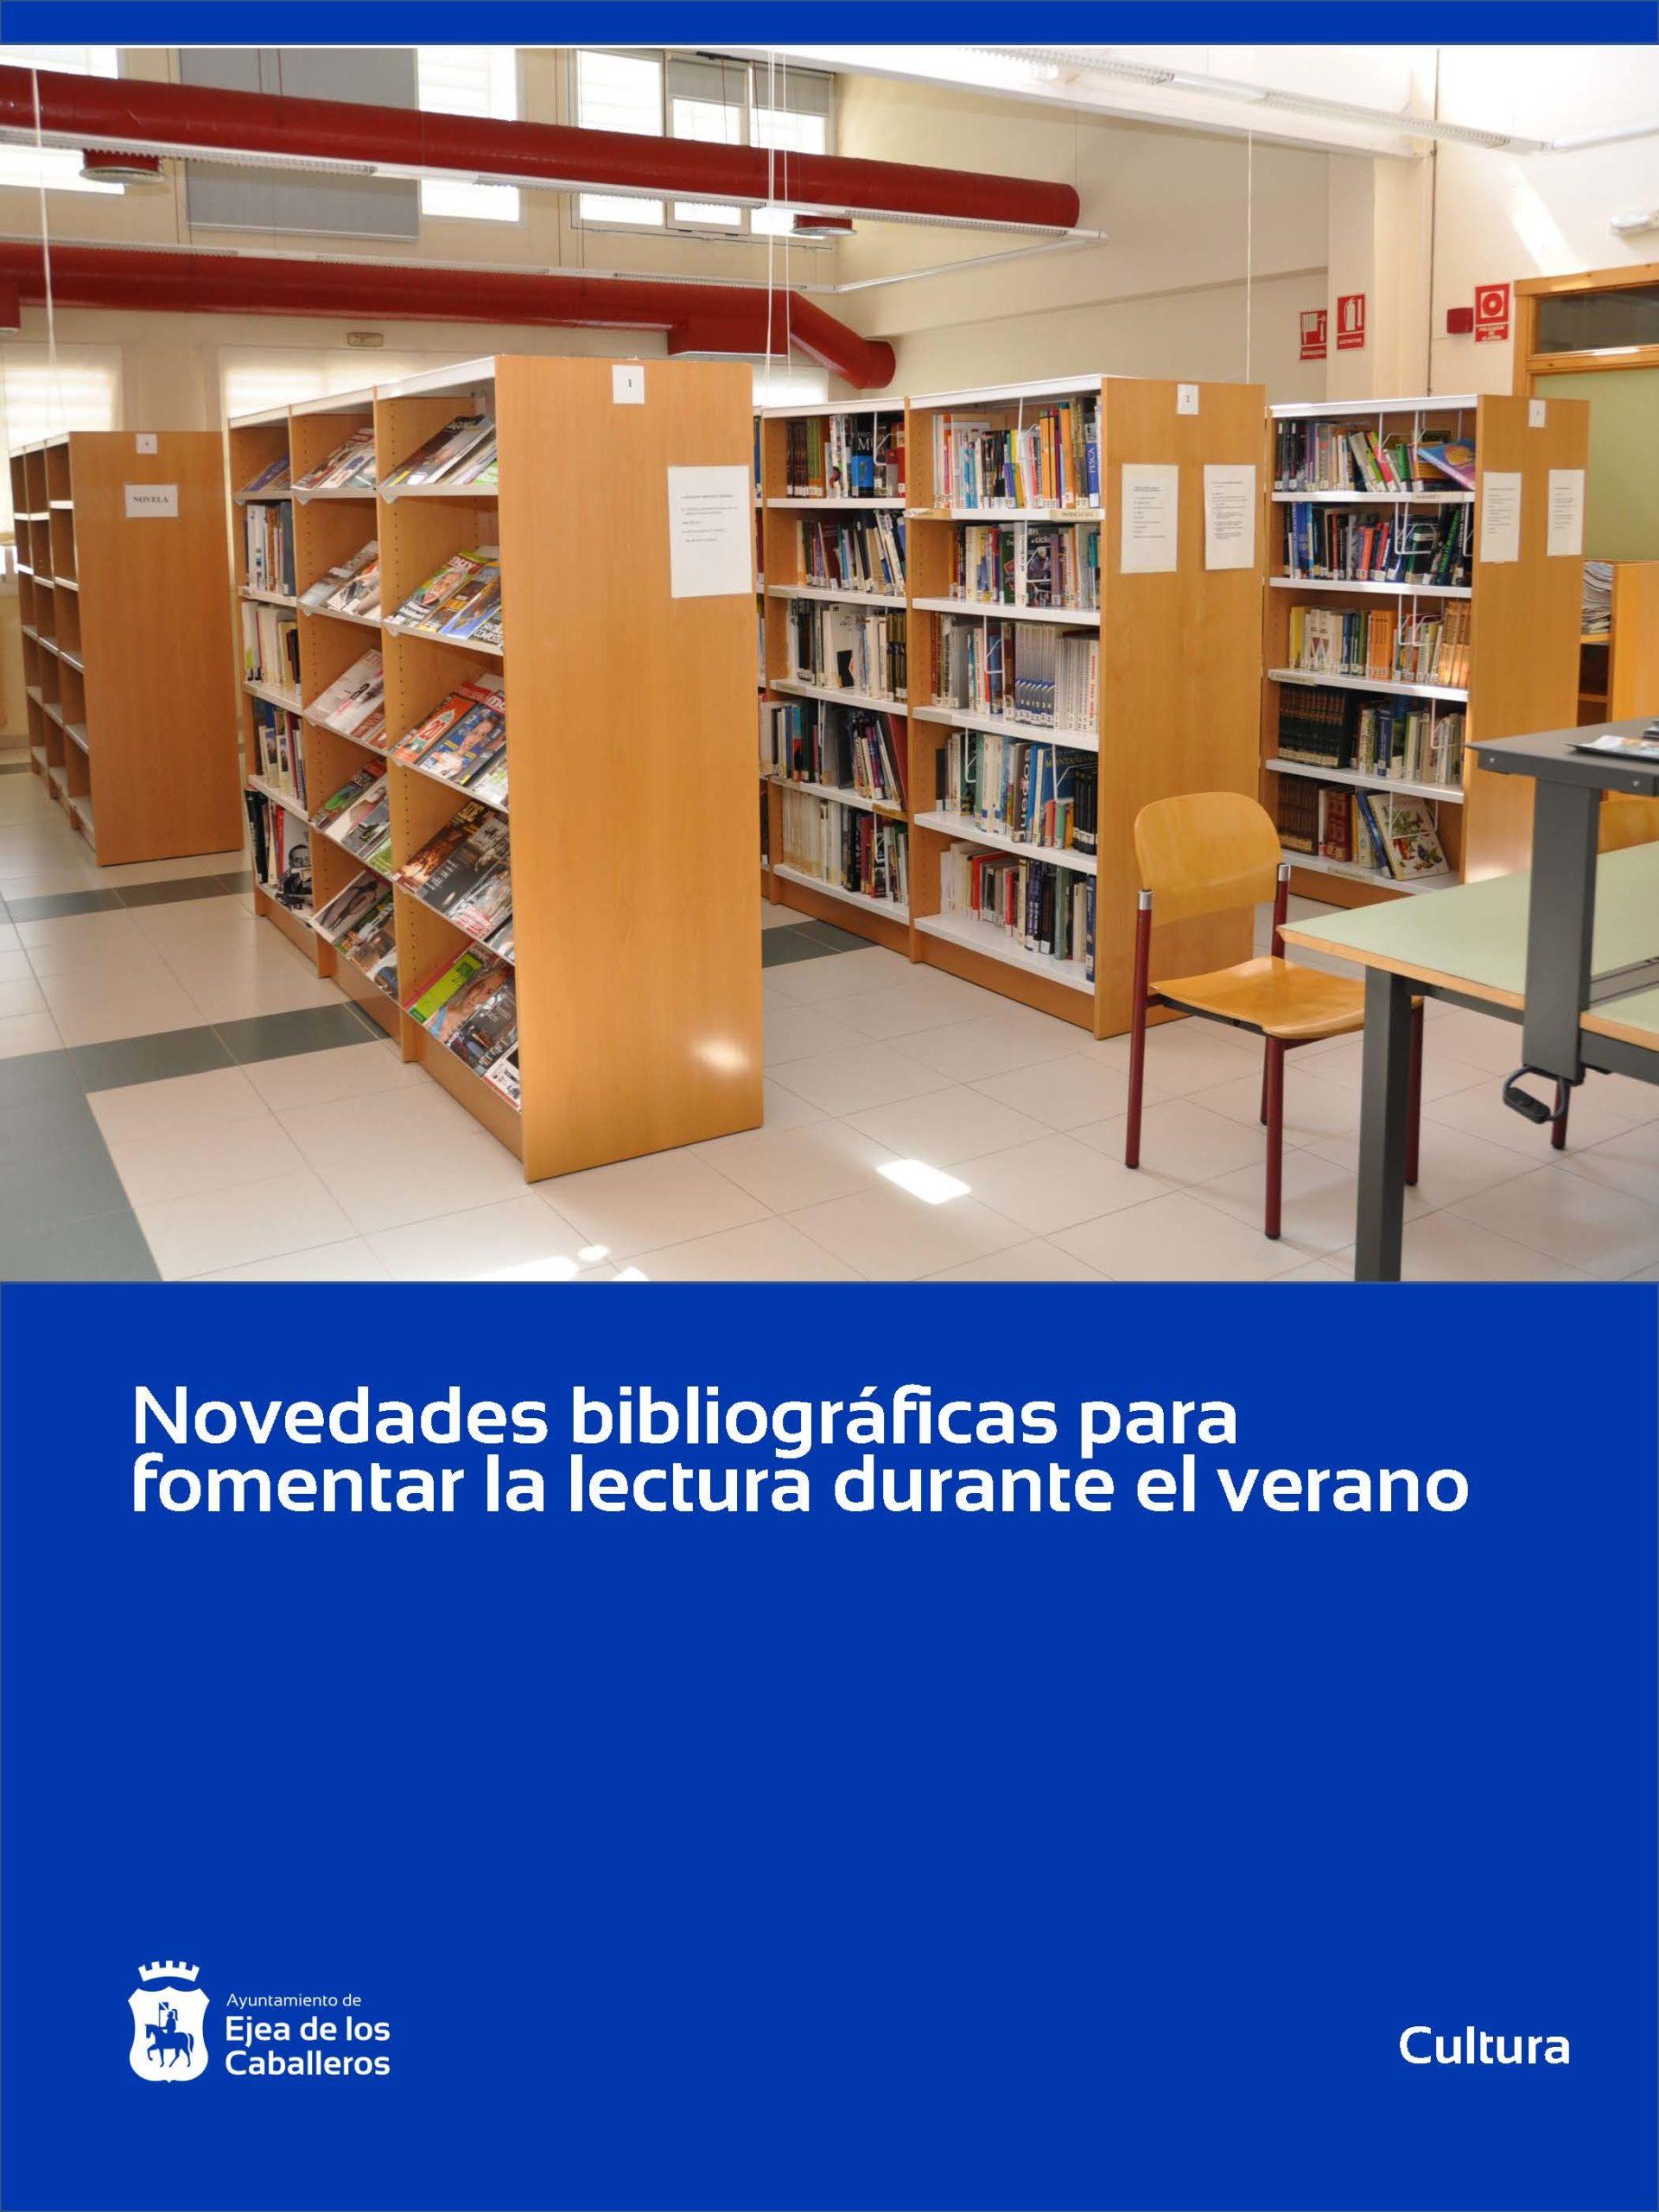 En este momento estás viendo Novedades bibliográficas para facilitar la lectura durante el verano